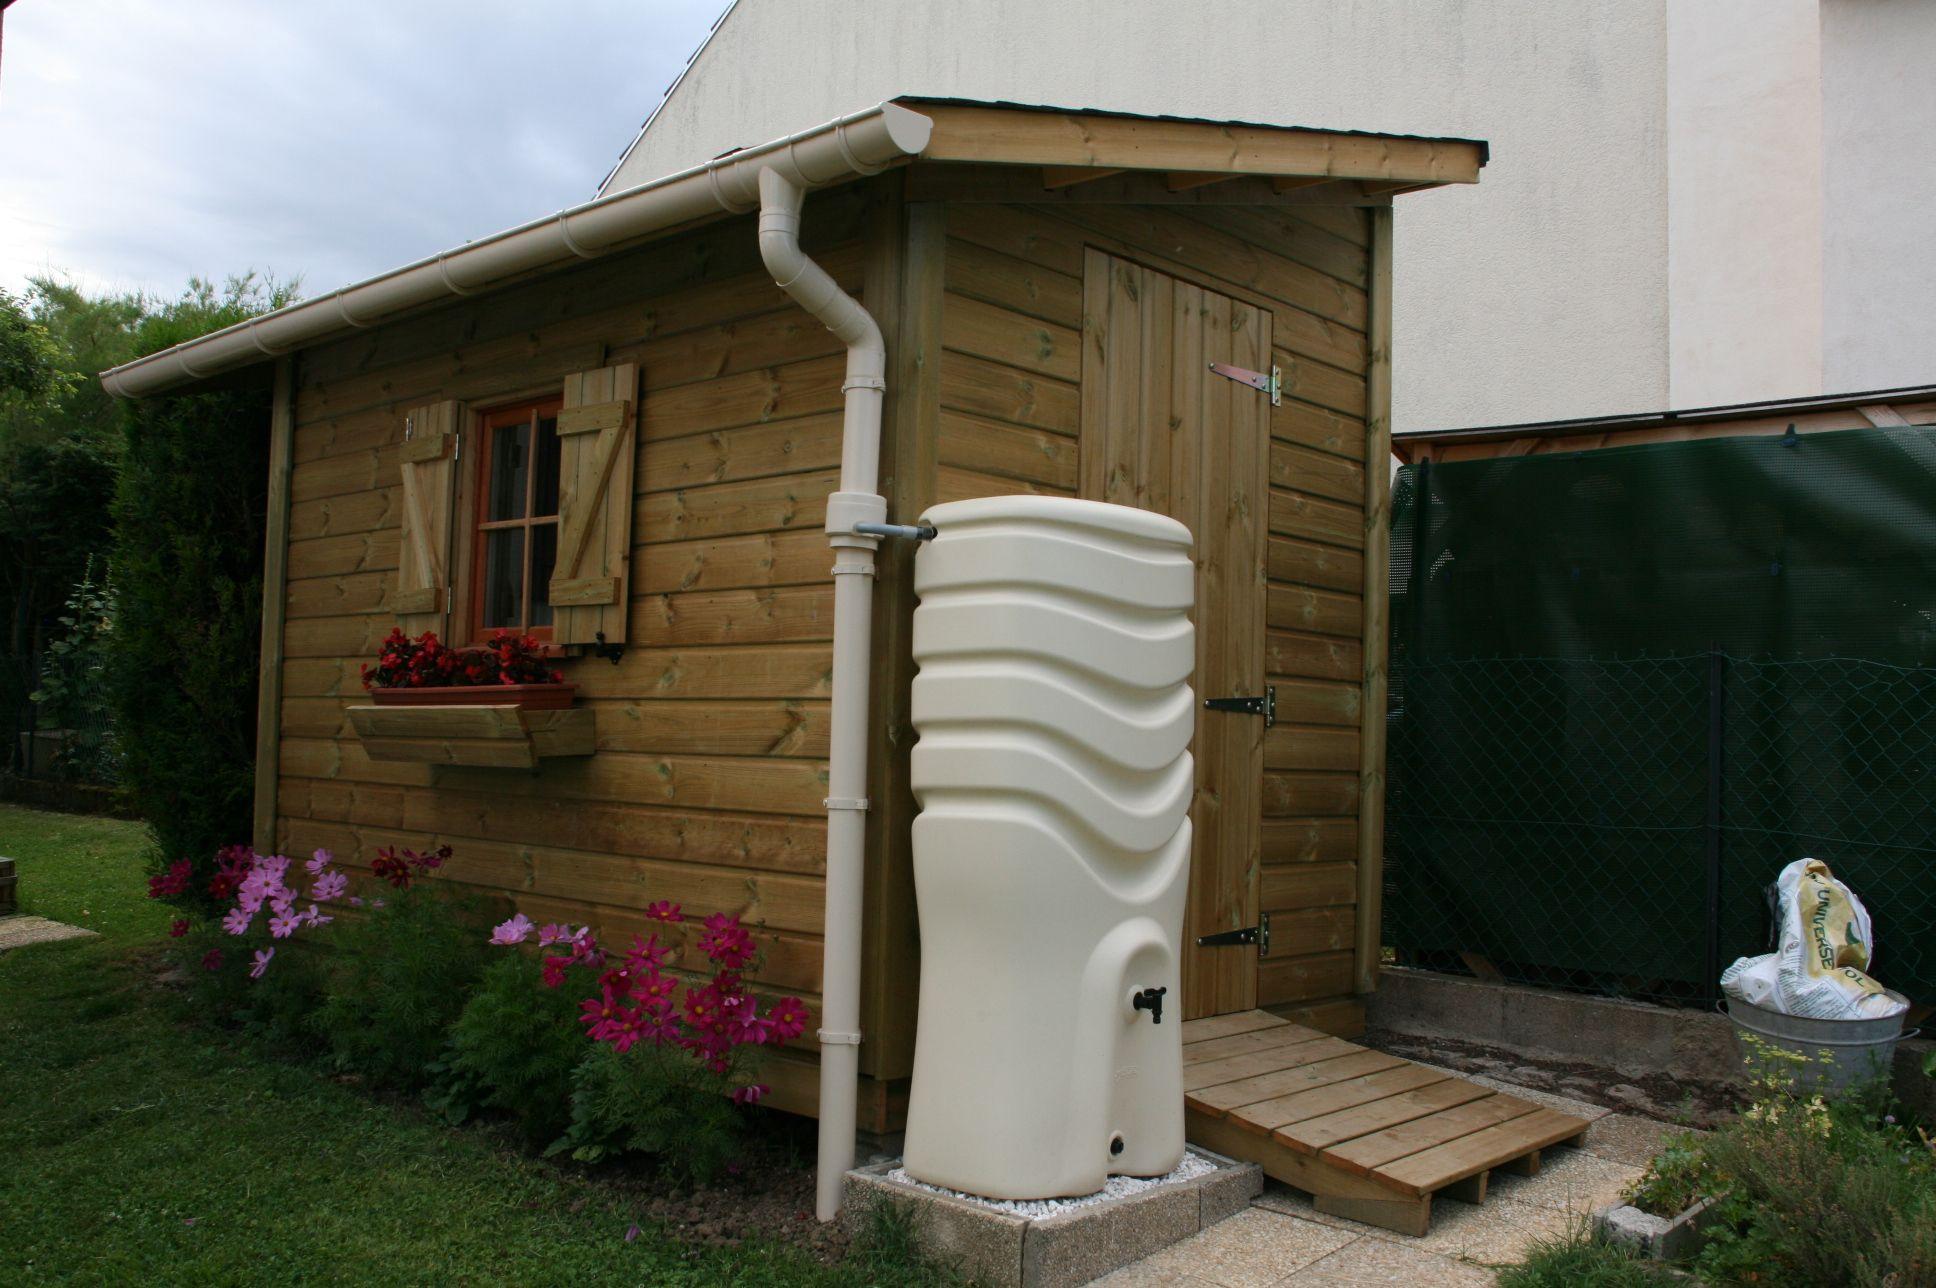 Construire Abri De Jardin abri de jardin castel 2,00m x 3,50m avec gouttières